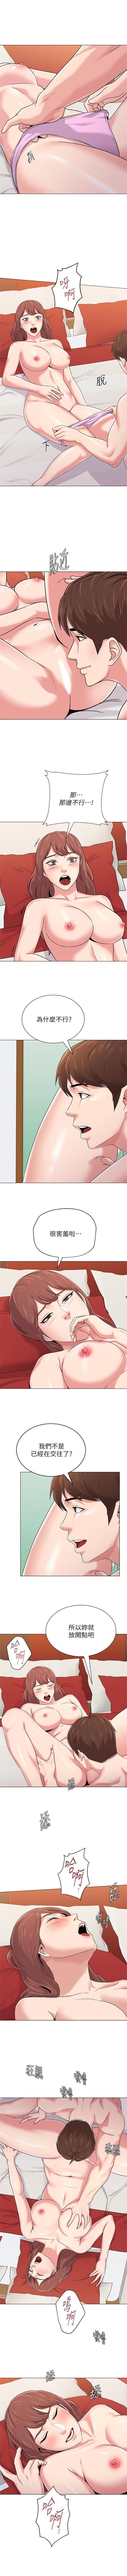 (周3)老师 1-56 中文翻译(更新中) 357